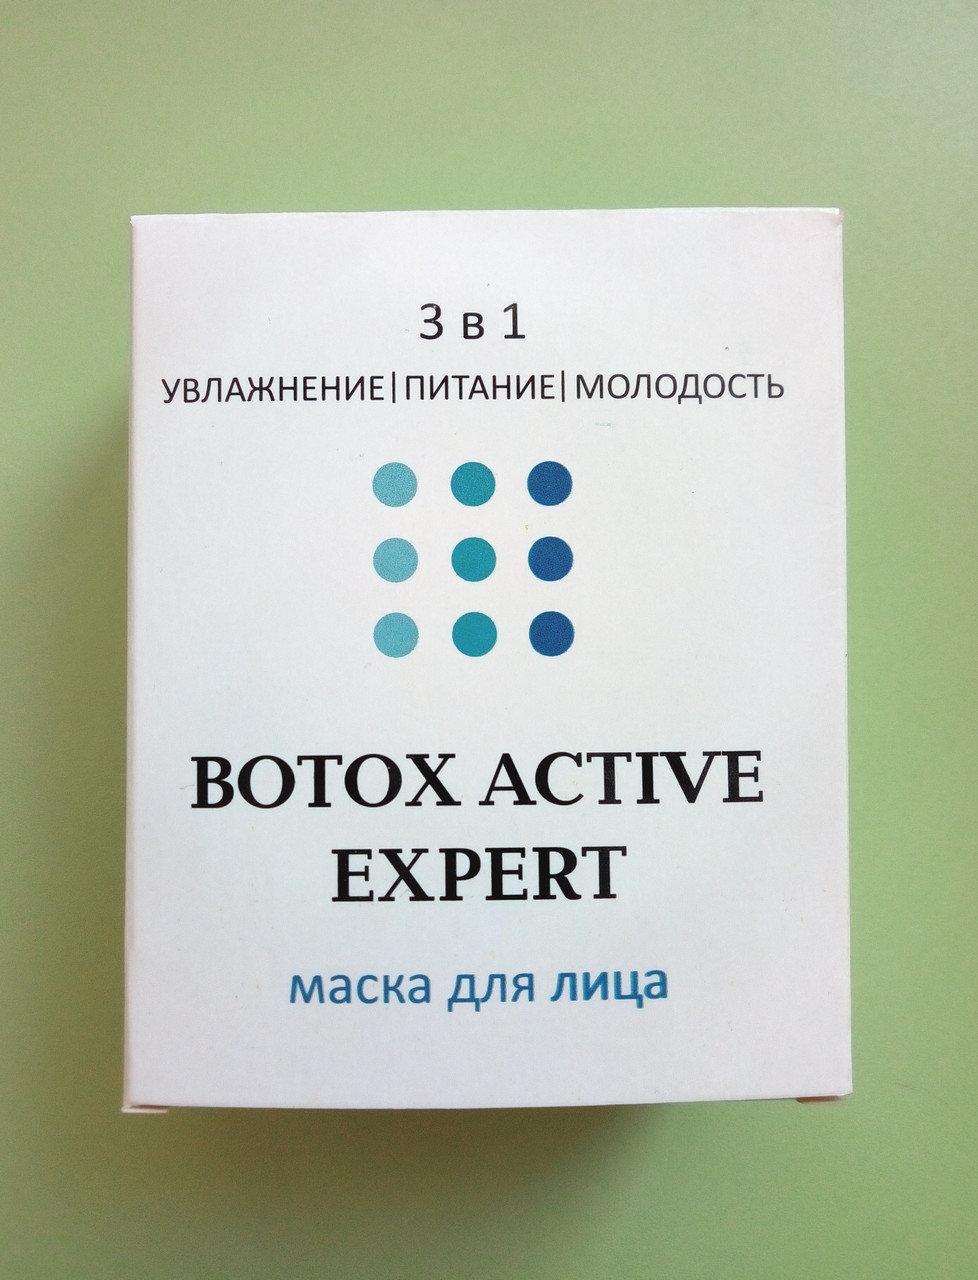 Botox Active Expert (ботокс актив эксперт) крем-маска для лица 17437